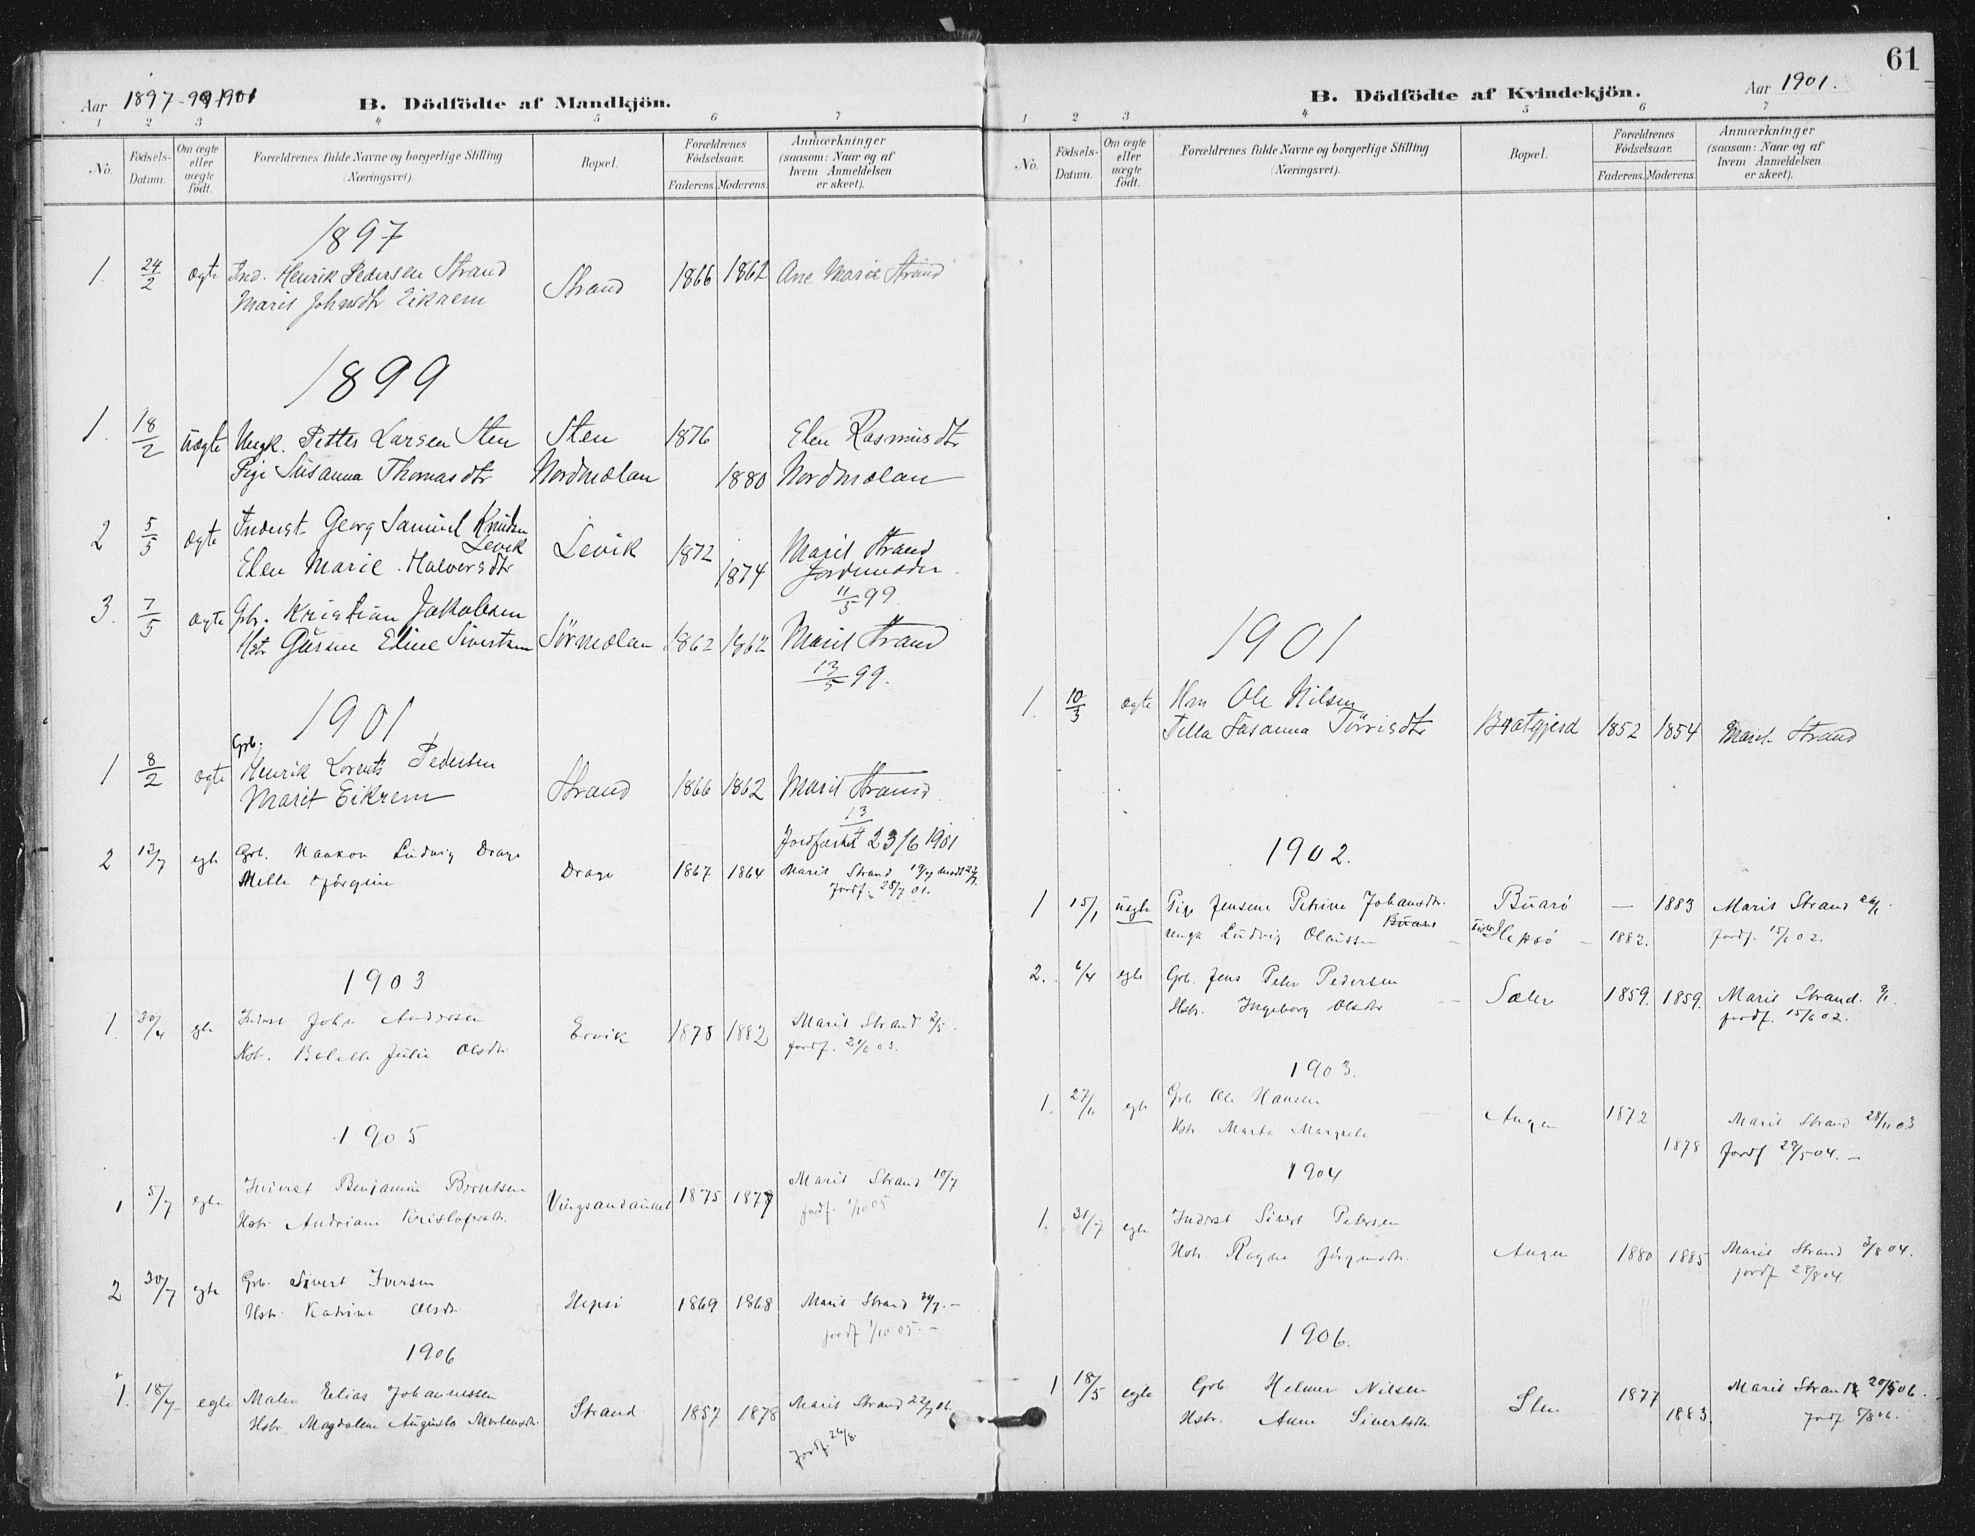 SAT, Ministerialprotokoller, klokkerbøker og fødselsregistre - Sør-Trøndelag, 658/L0723: Ministerialbok nr. 658A02, 1897-1912, s. 61